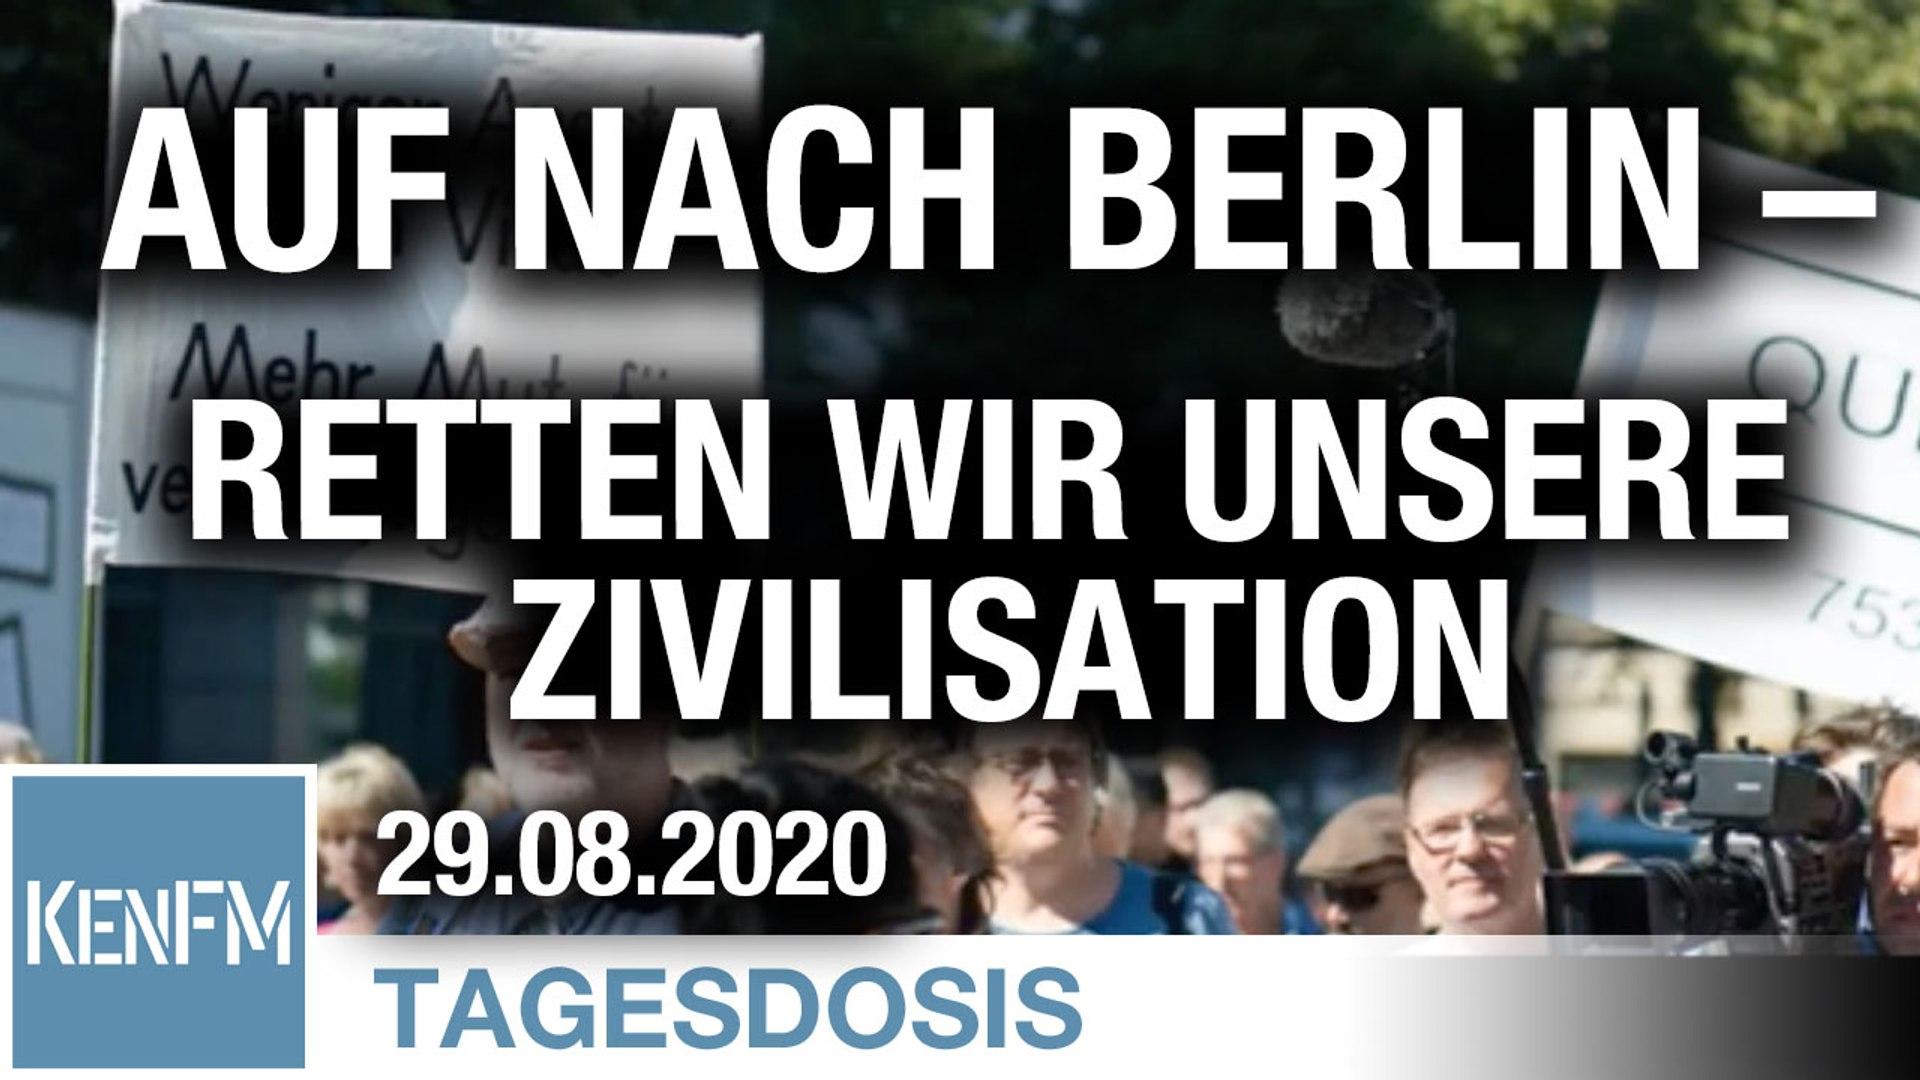 Auf nach Berlin – Retten wir unsere Zivilisation | Von Hermann Ploppa